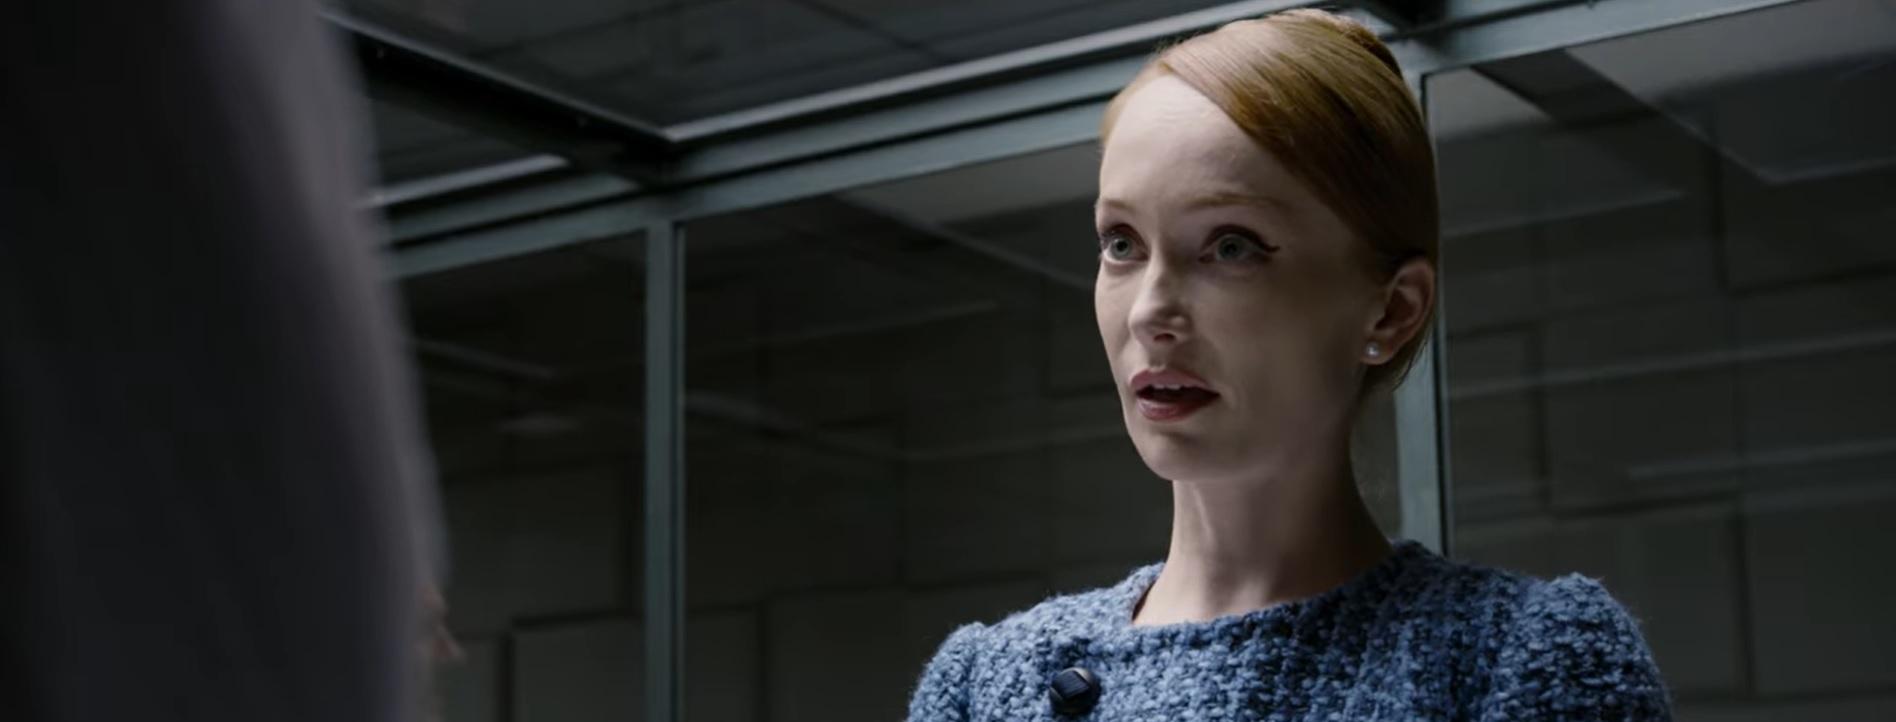 Lotte Verbeek o filmie Ukryta gra: Moja postać ma asy w rękawie [WYWIAD}